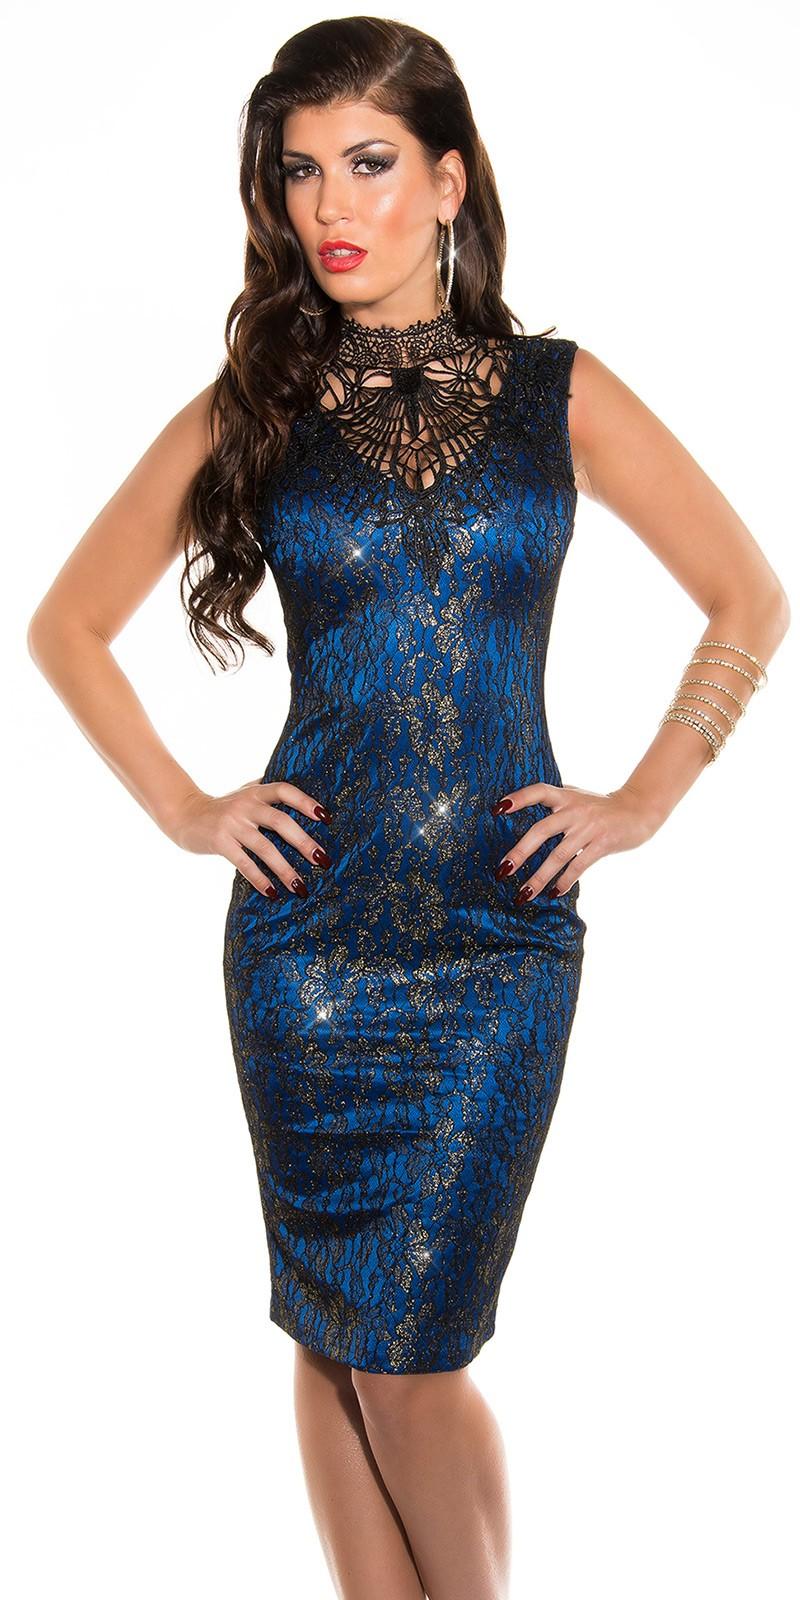 7785e3daff Arany virágmintás csipke női alkalmi ruha horgolt nyakkal - Kék (S-L). Az  Ön értékelése: